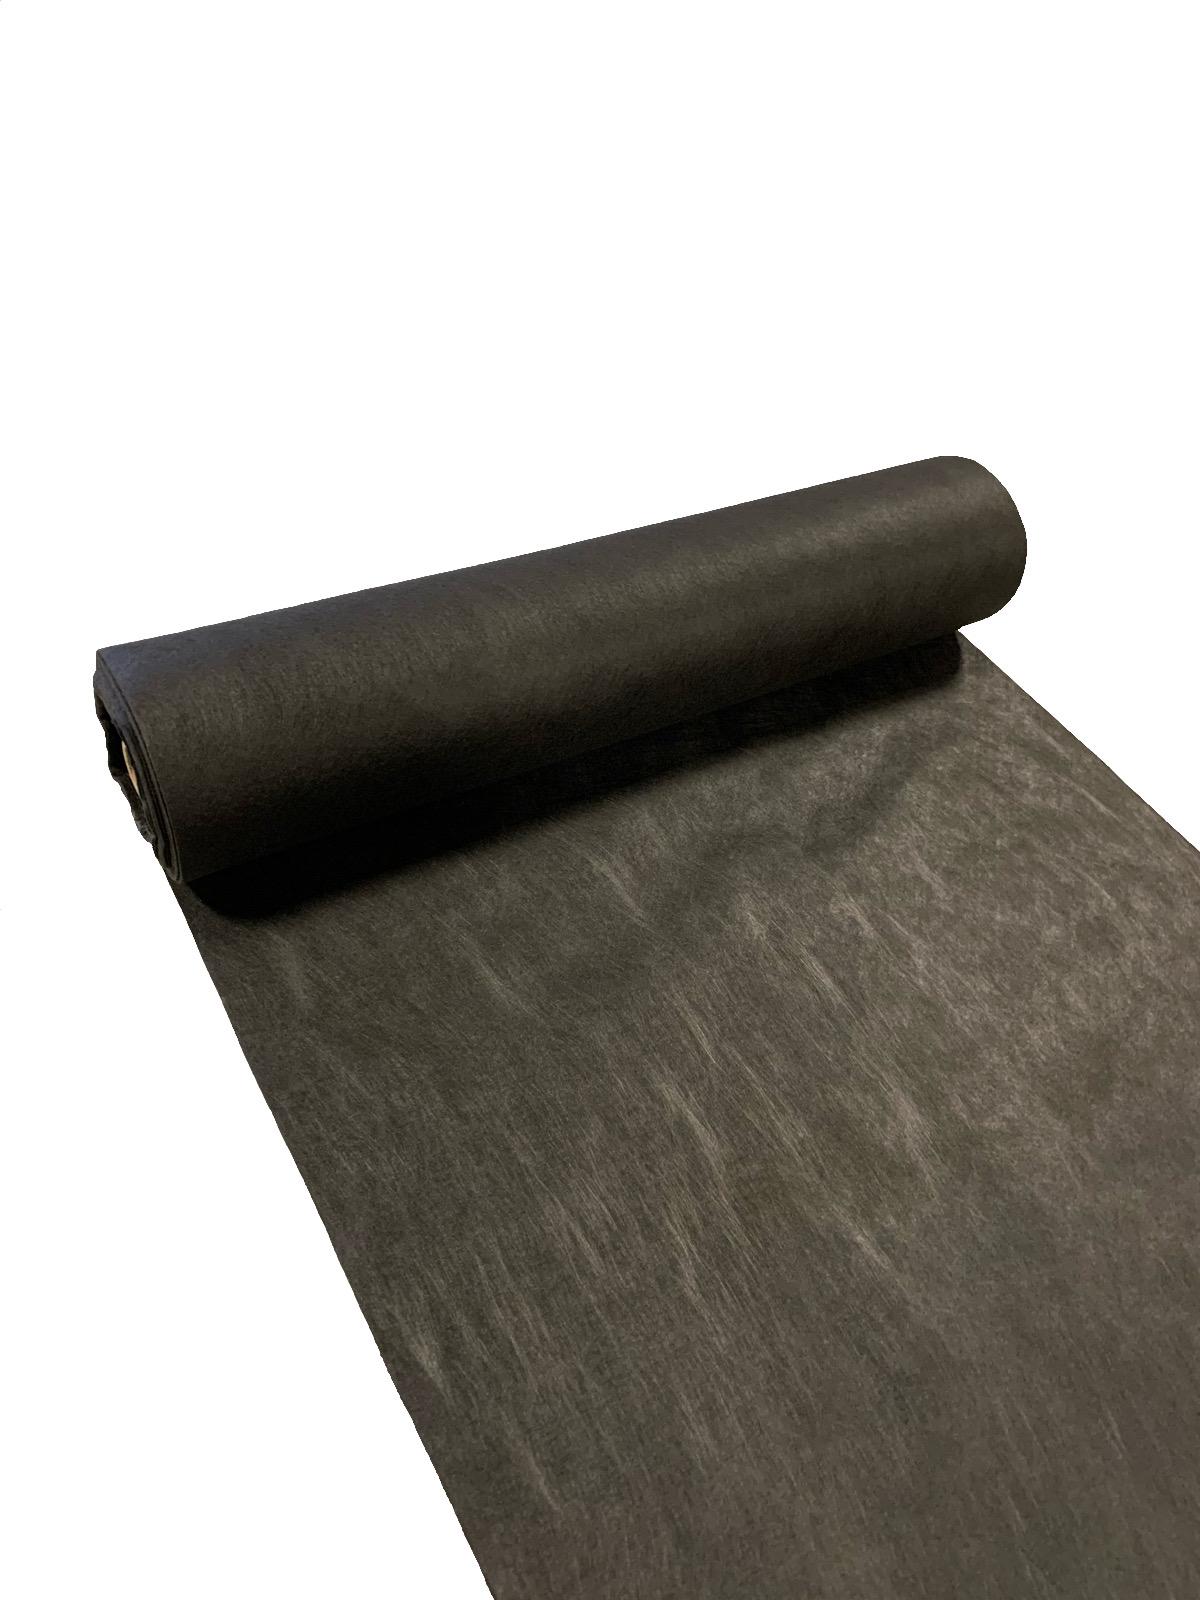 Geotextile Landscape Fabric Underlayment 3 Ft X 100 Ft Black Lowe S Canada